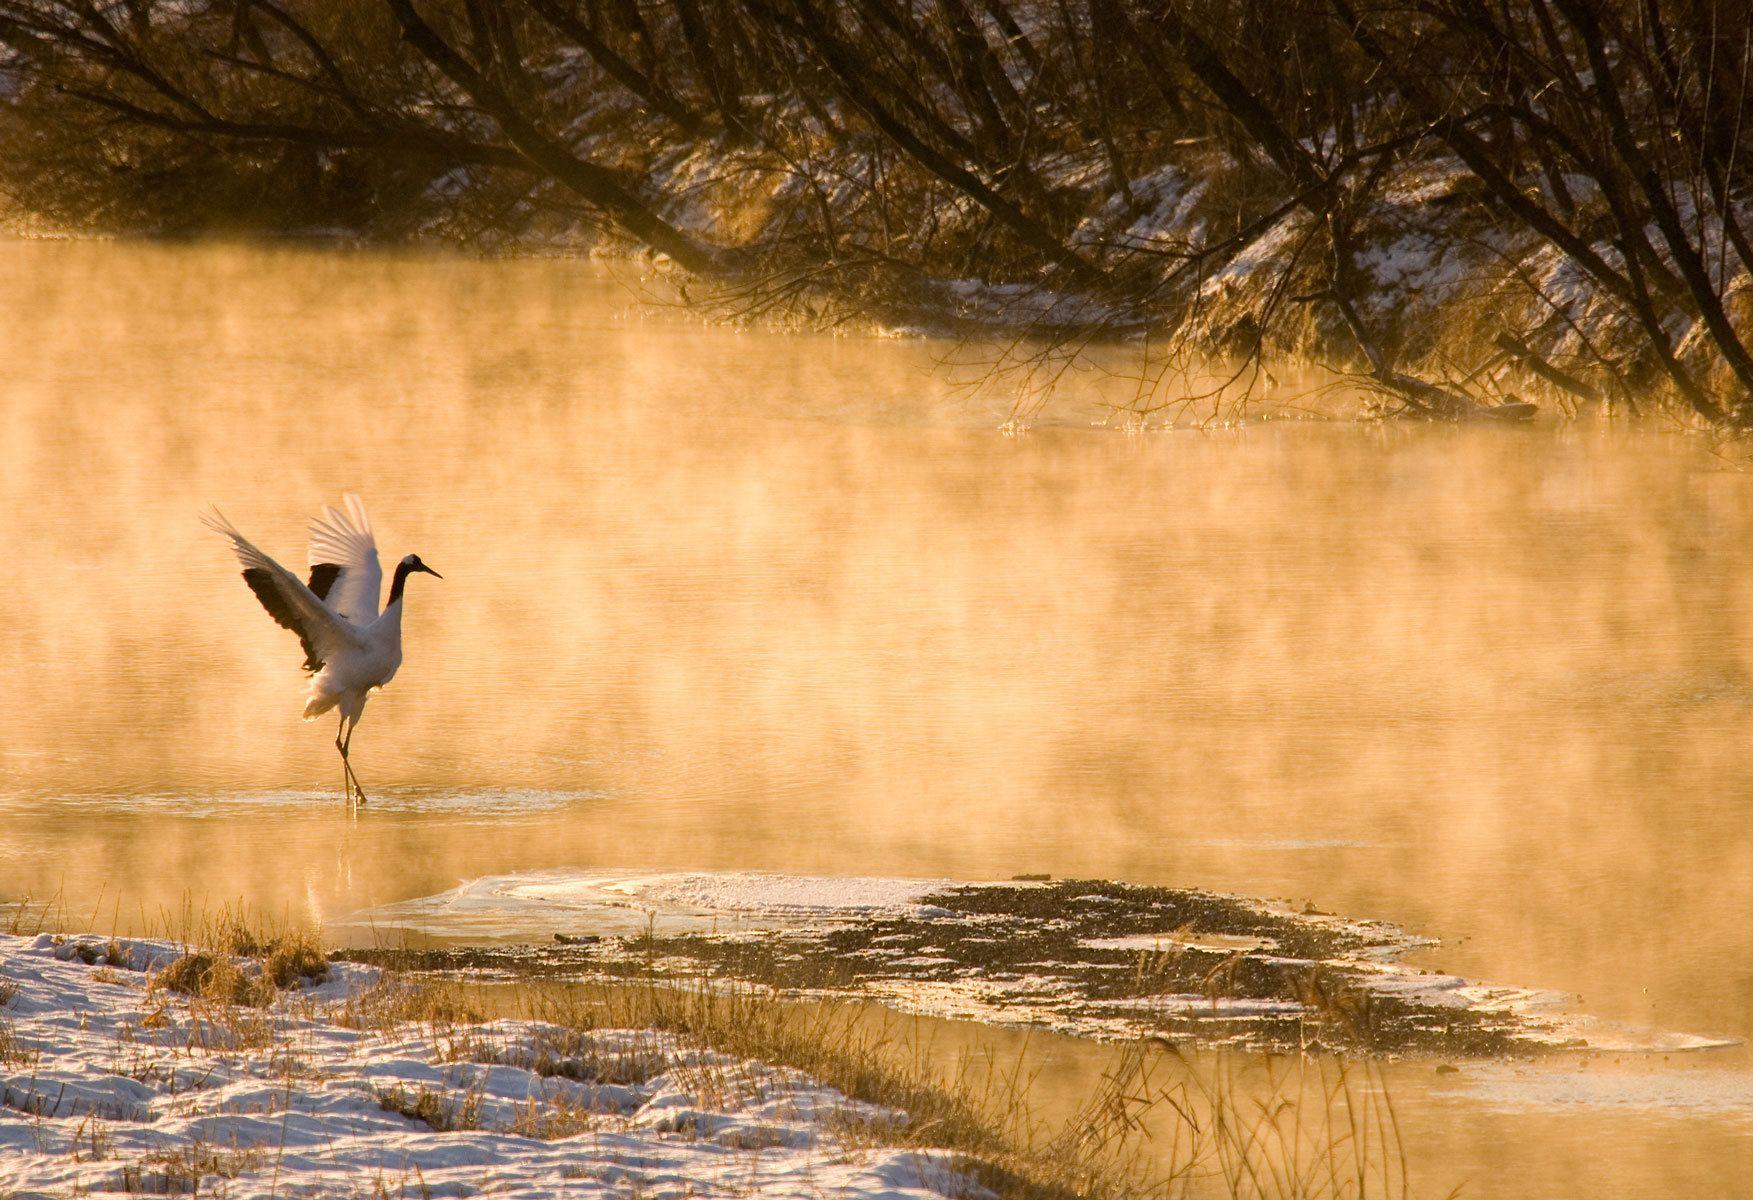 Dawn Mist III, Red-Crowned Crane, Hokkaido, Japan